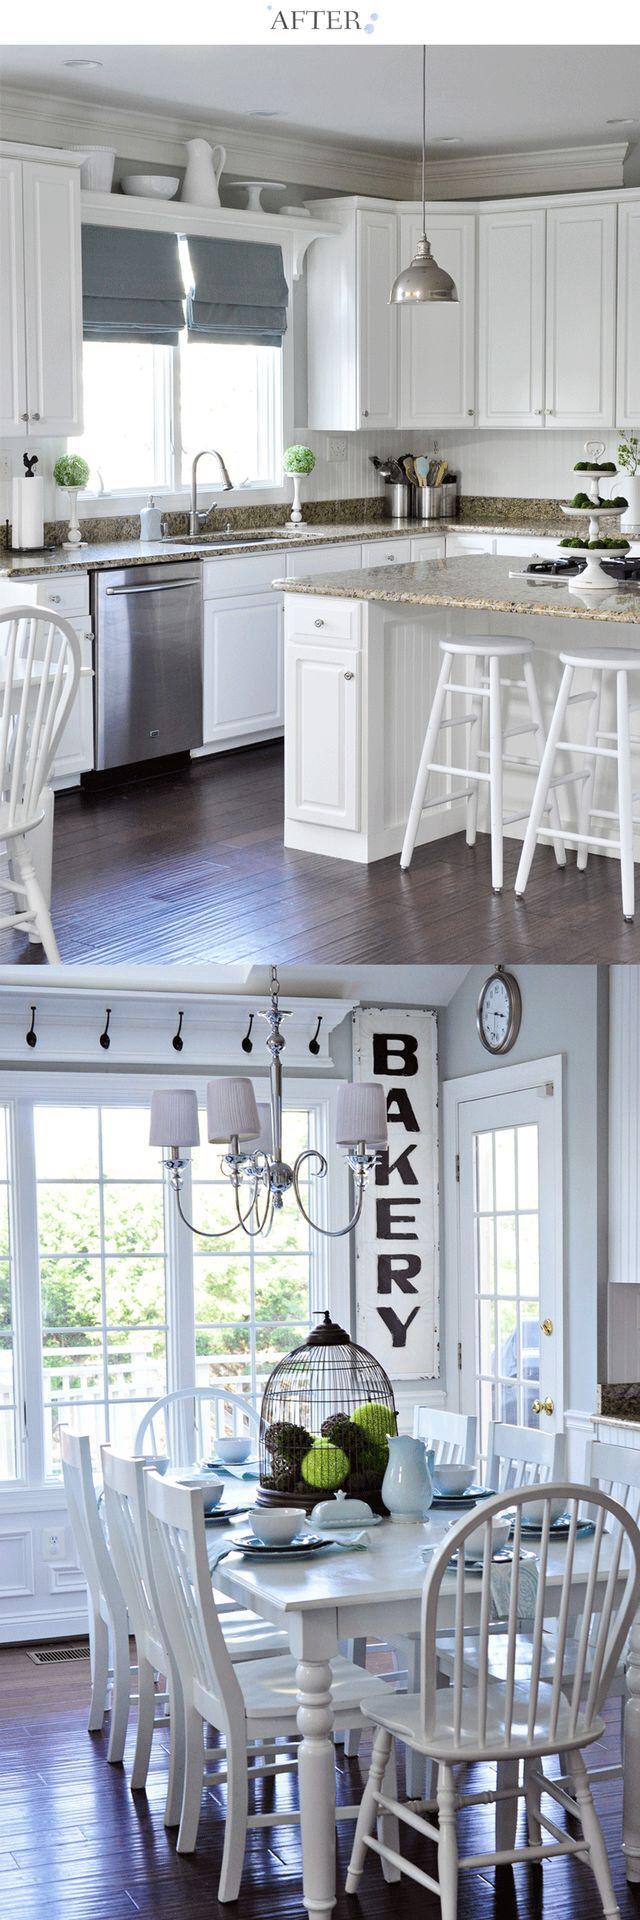 best 25+ sink shelf ideas on pinterest | over the kitchen sink